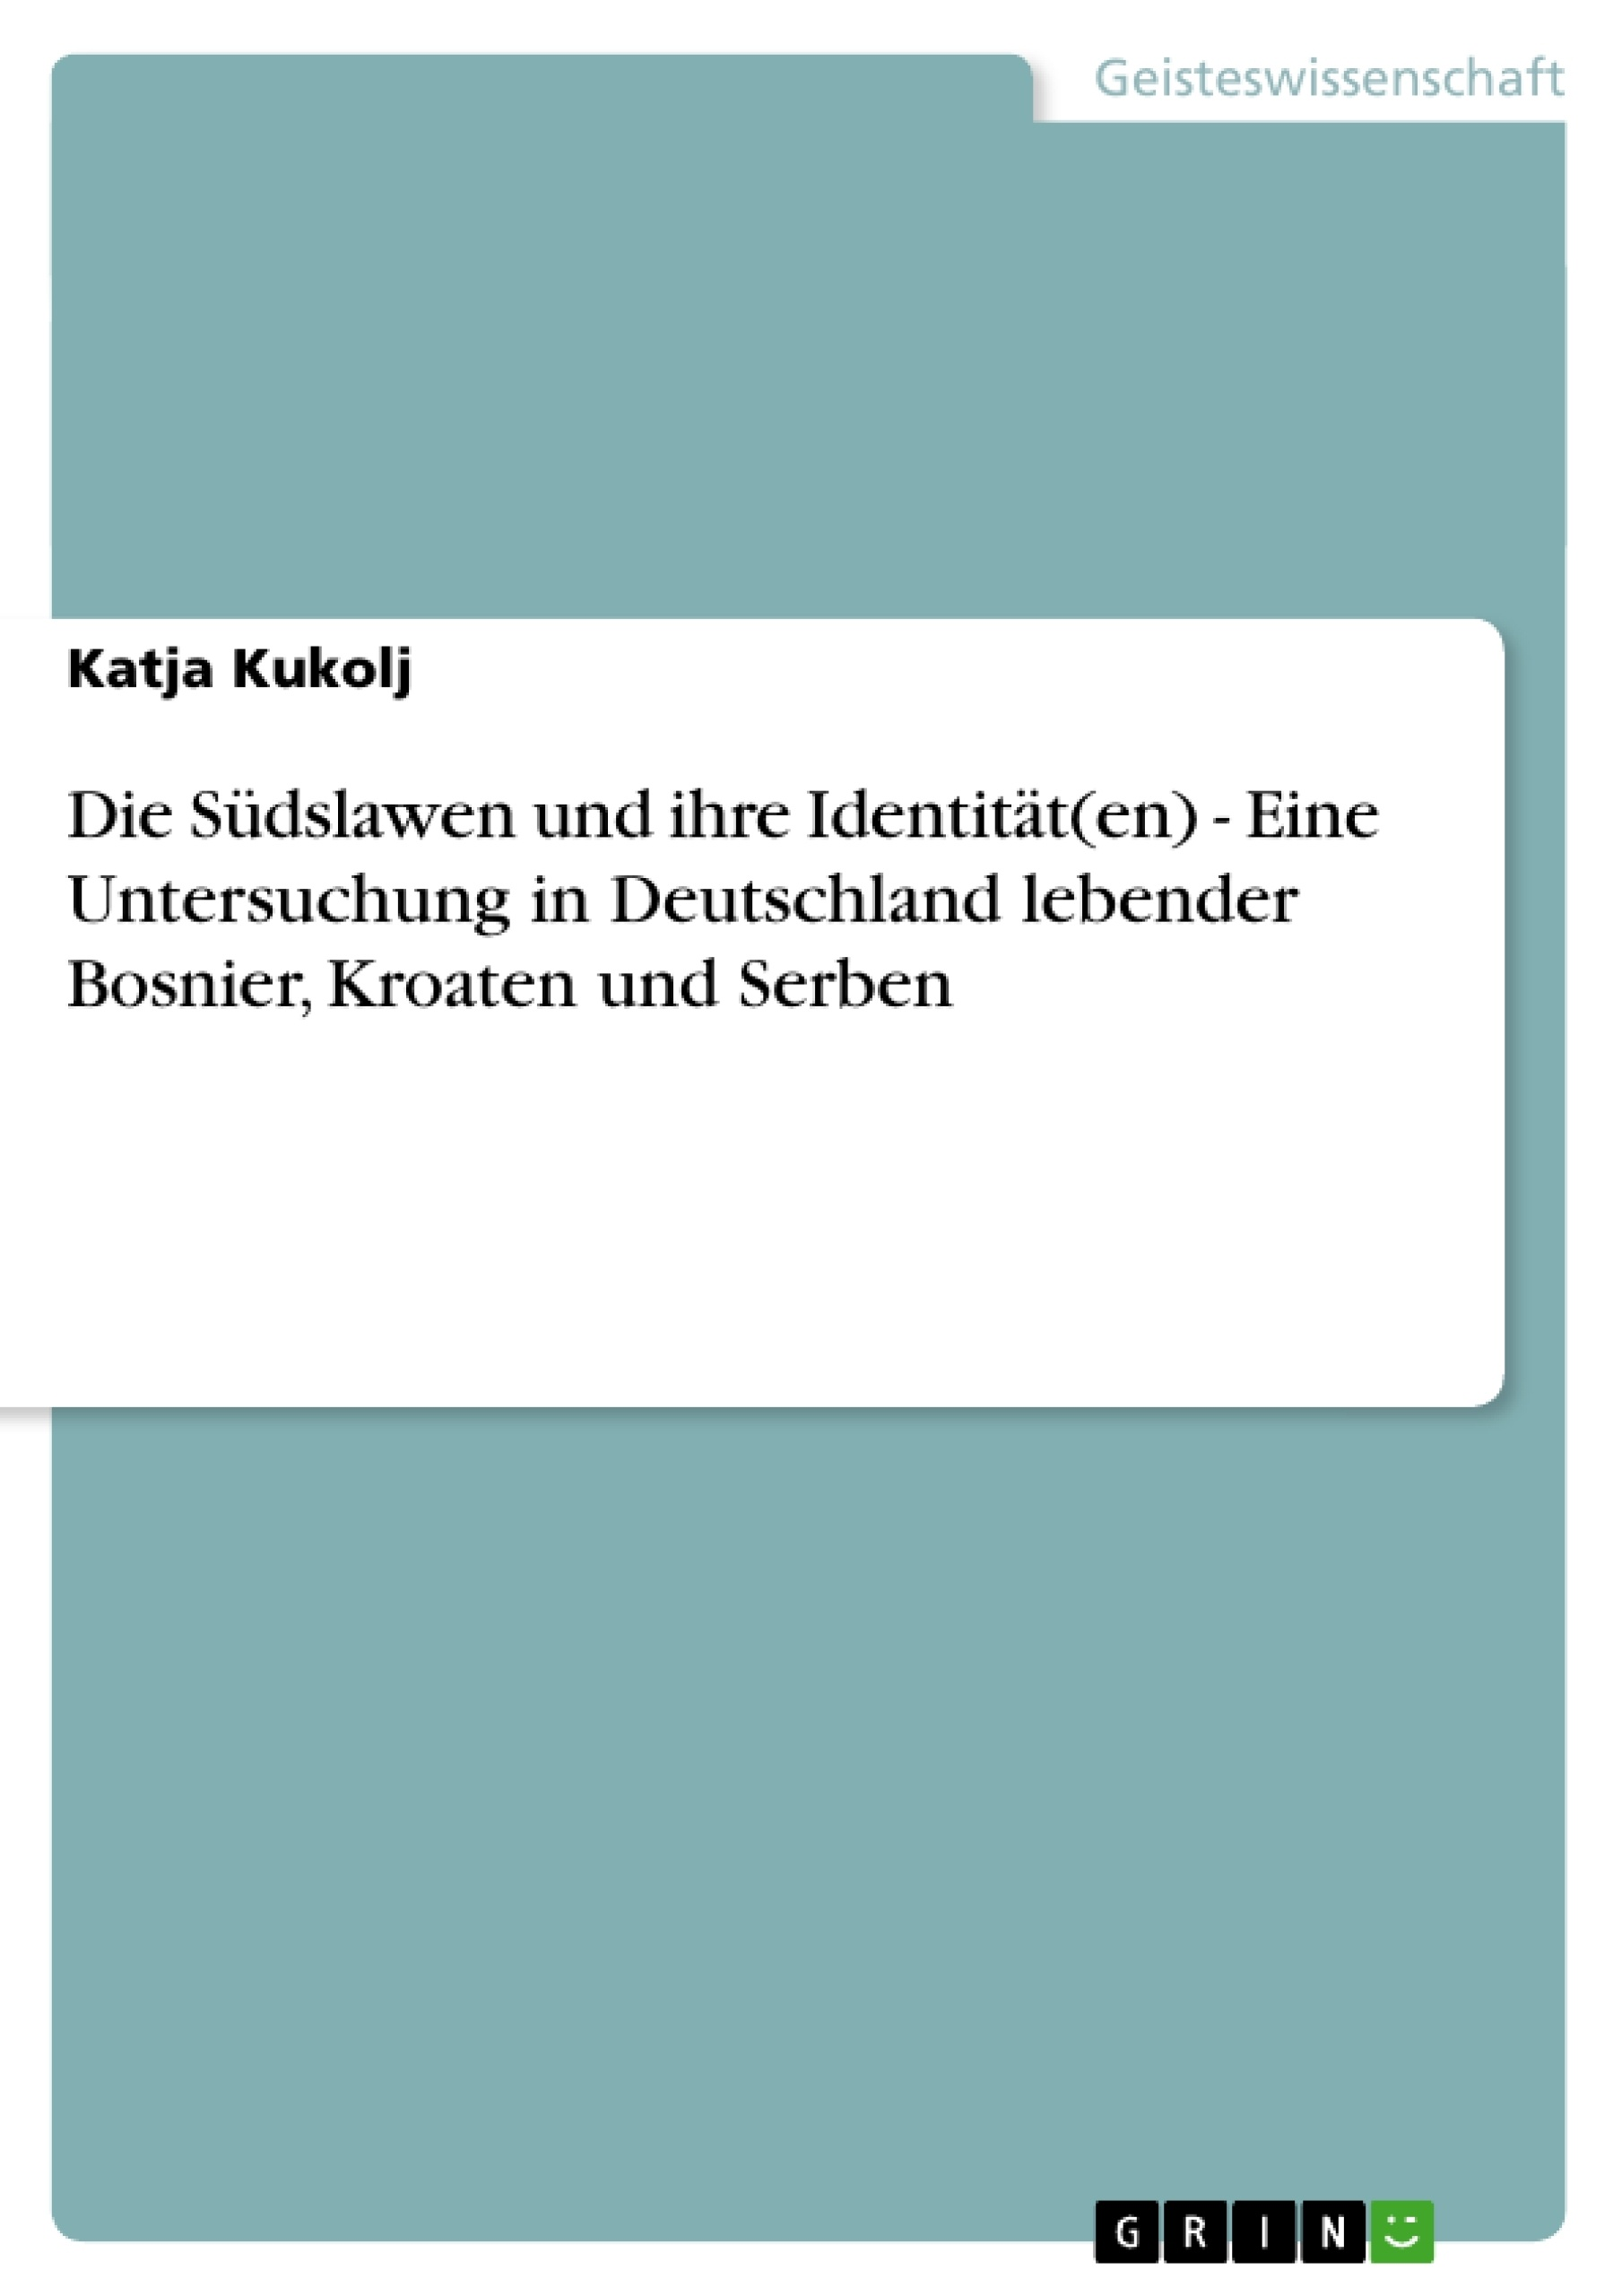 Titel: Die Südslawen und ihre Identität(en) - Eine Untersuchung in Deutschland lebender Bosnier, Kroaten und Serben